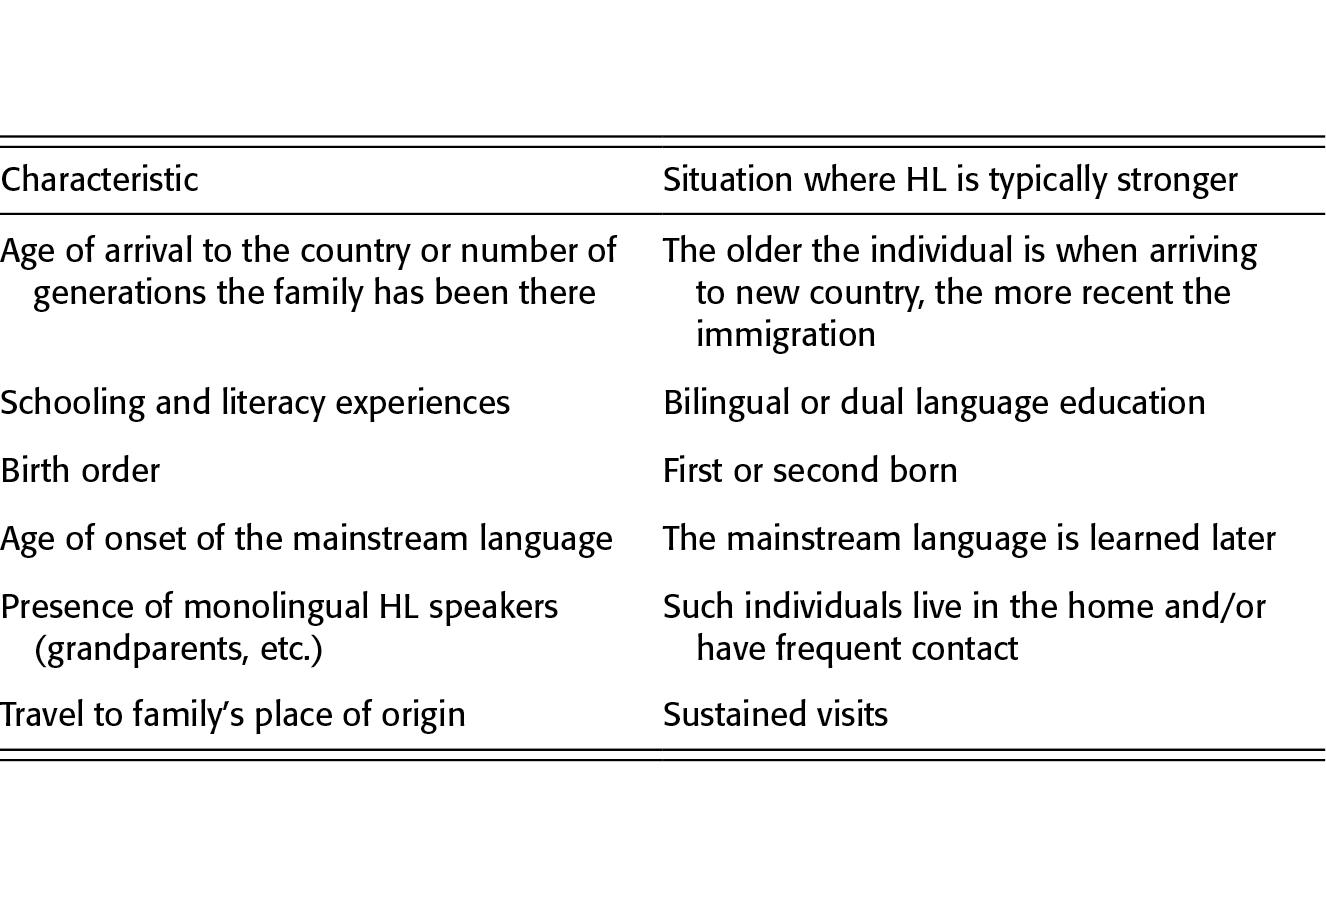 Context and Environment (Part VI) - The Cambridge Handbook